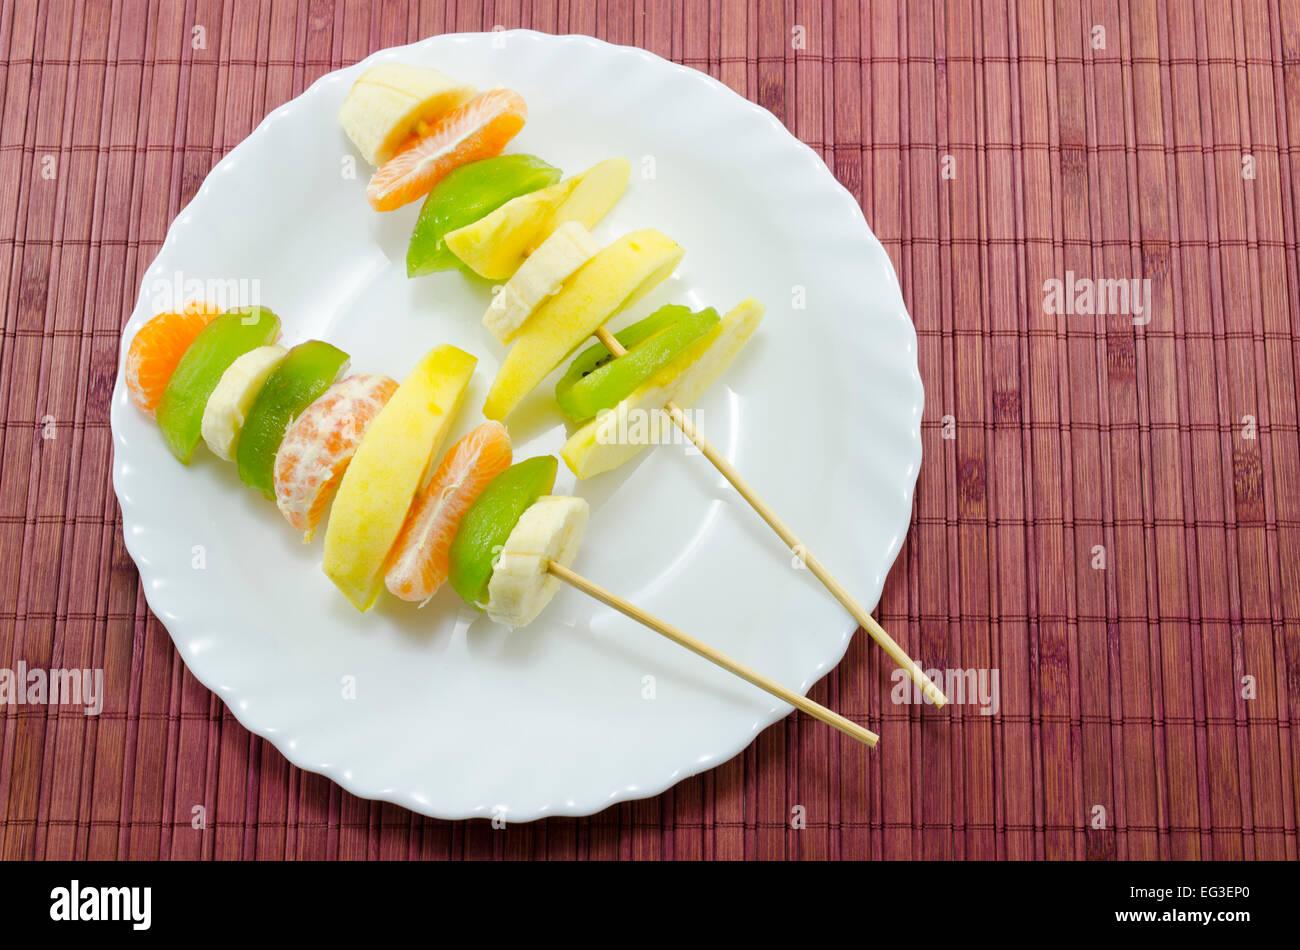 Kostliche Frucht Spiesse Auf Einem Weissen Teller Platziert Auf Einem